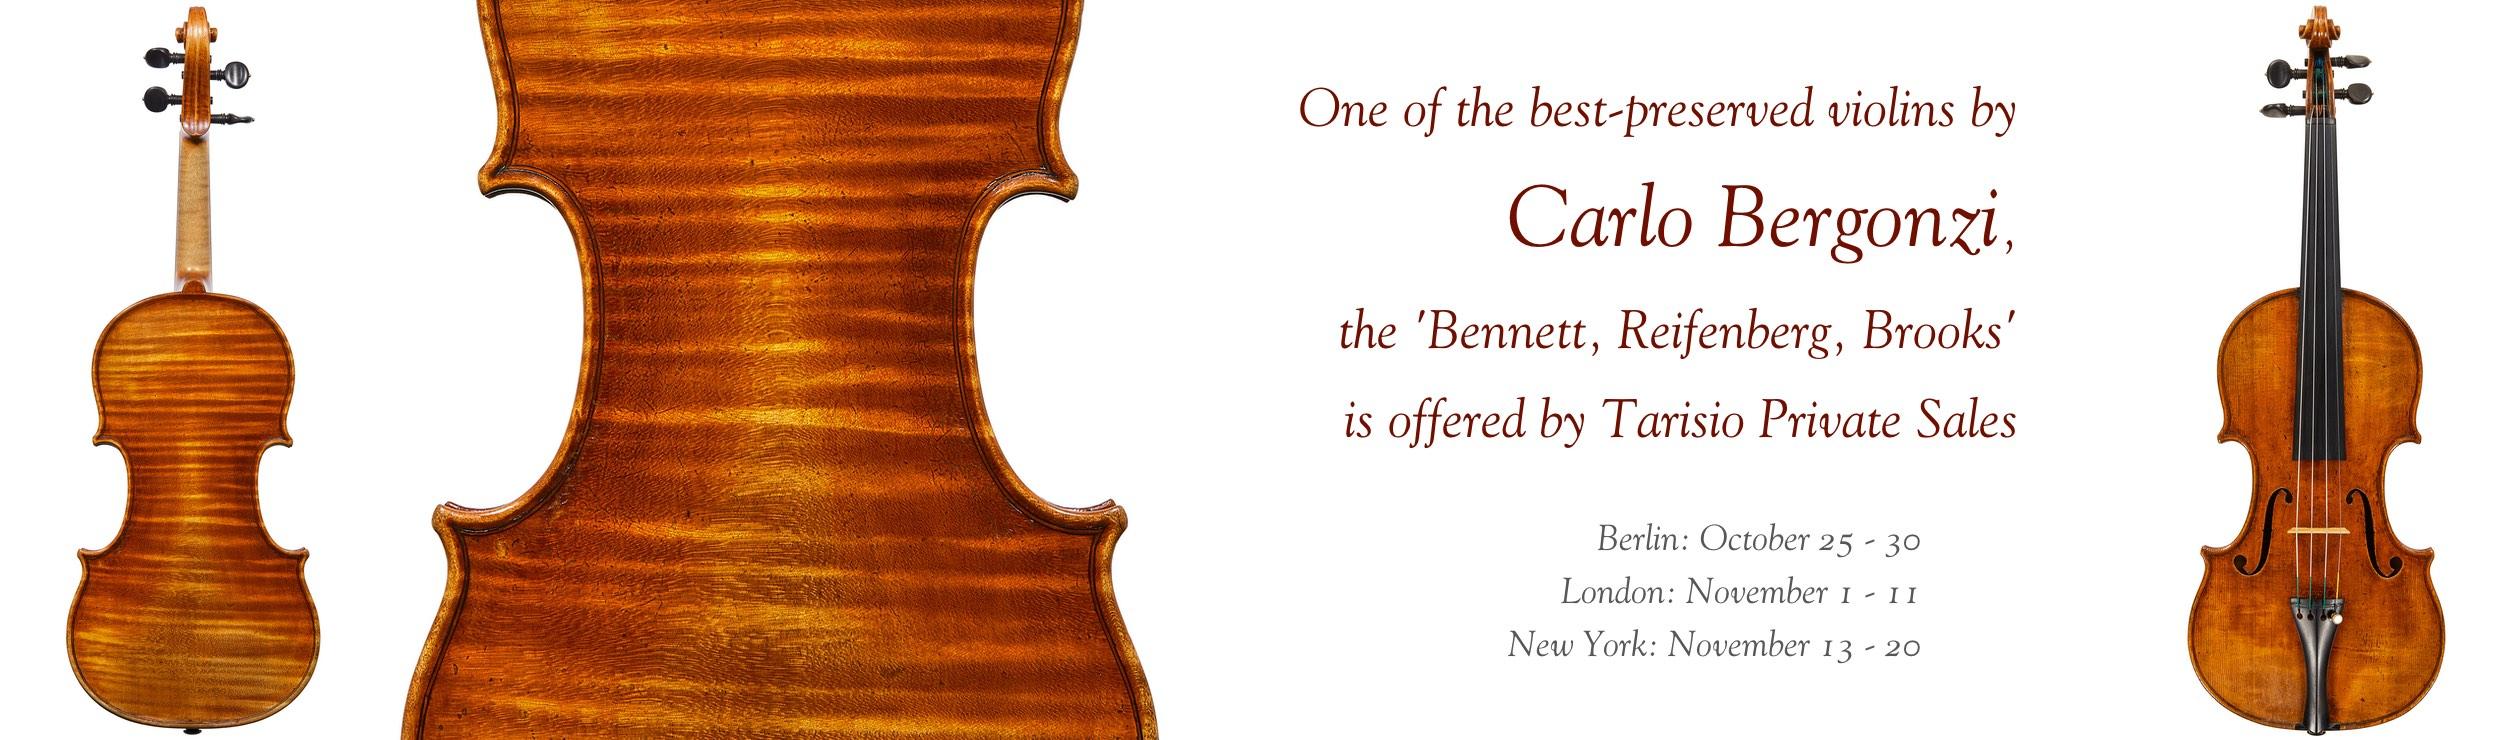 The 'Bennett, Reifenberg, Brooks' Carlo Bergonzi